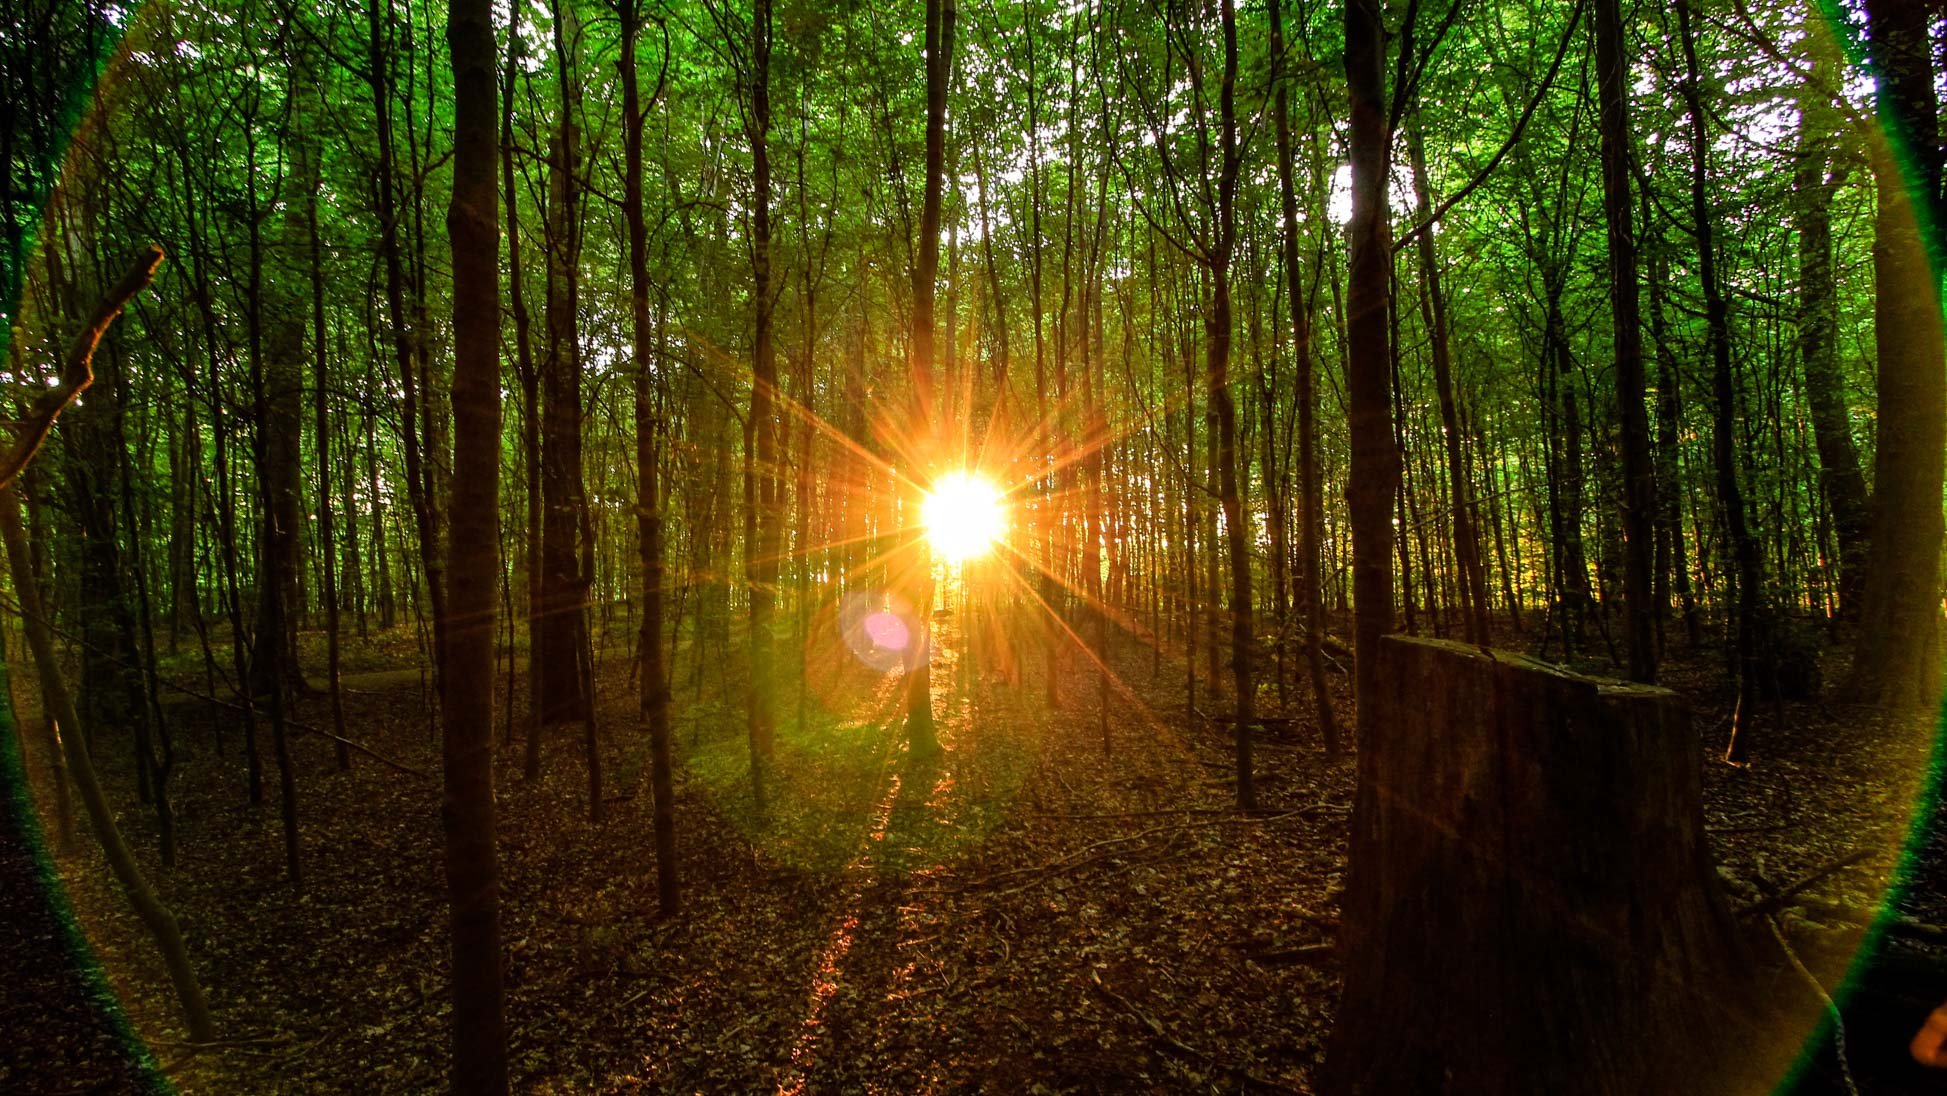 sunset-sunlight.jpg